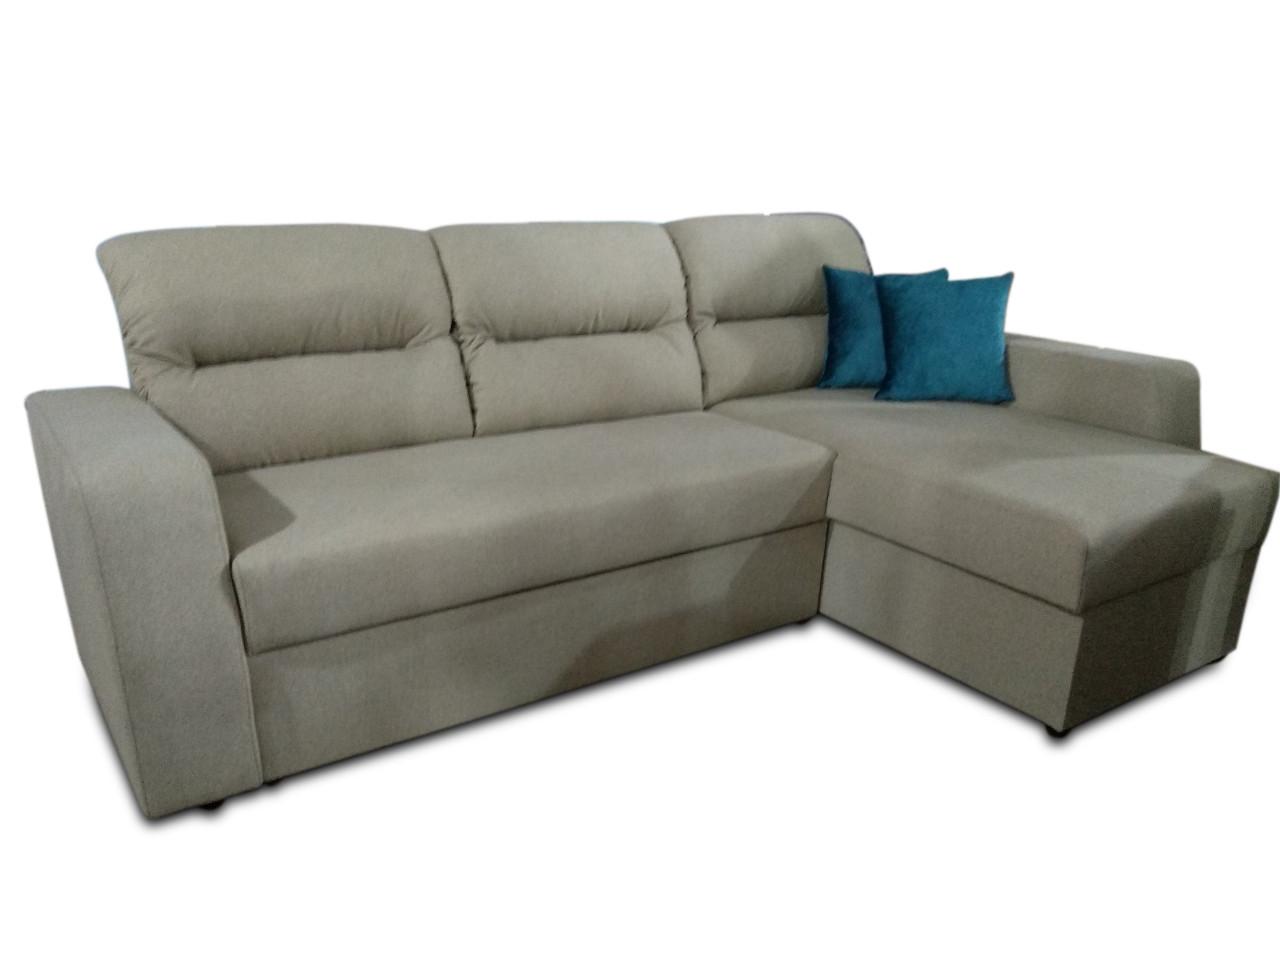 Угловой диван Эко Дрим 2,5 бежевый Элизиум